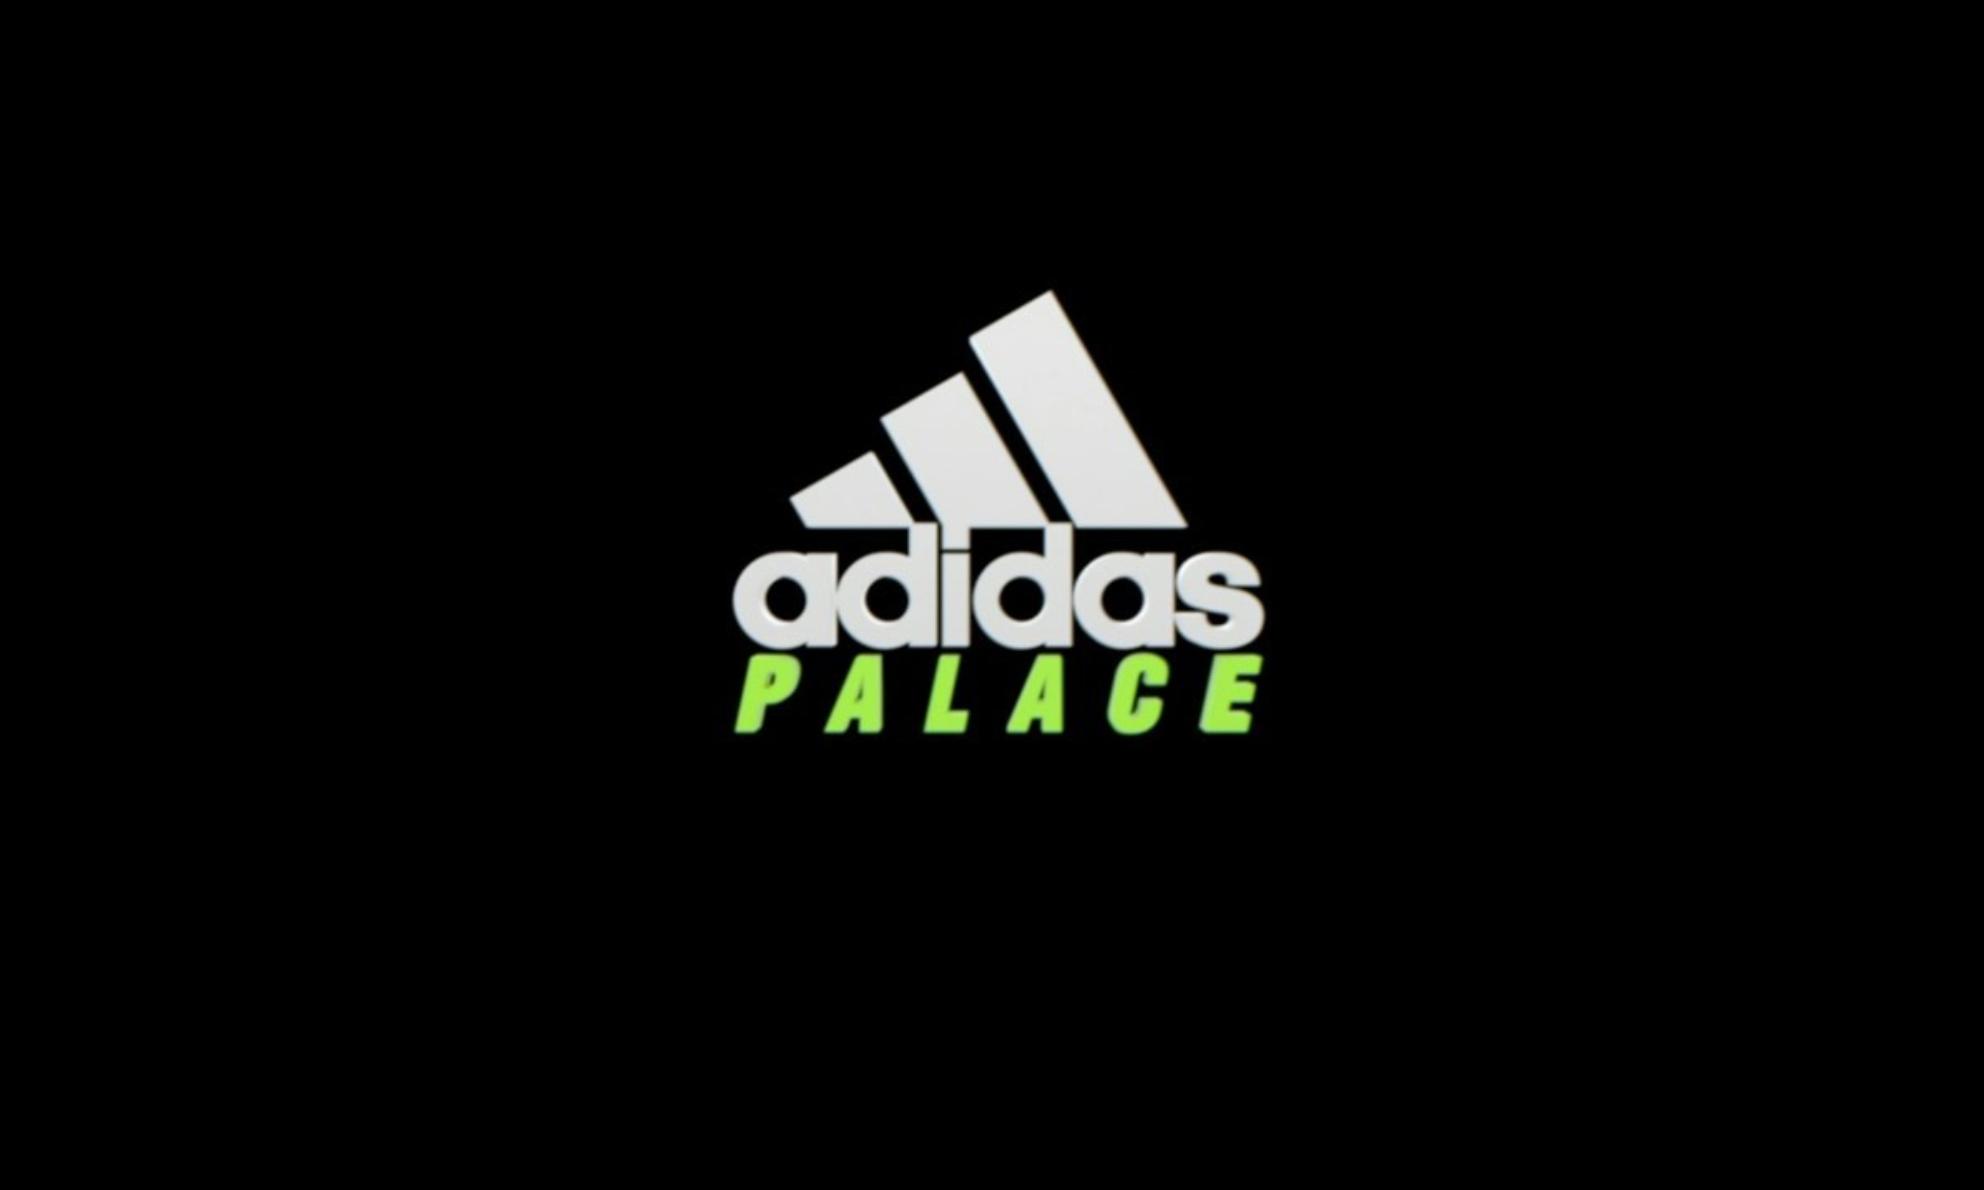 PALACE x adidas 全新企划预告